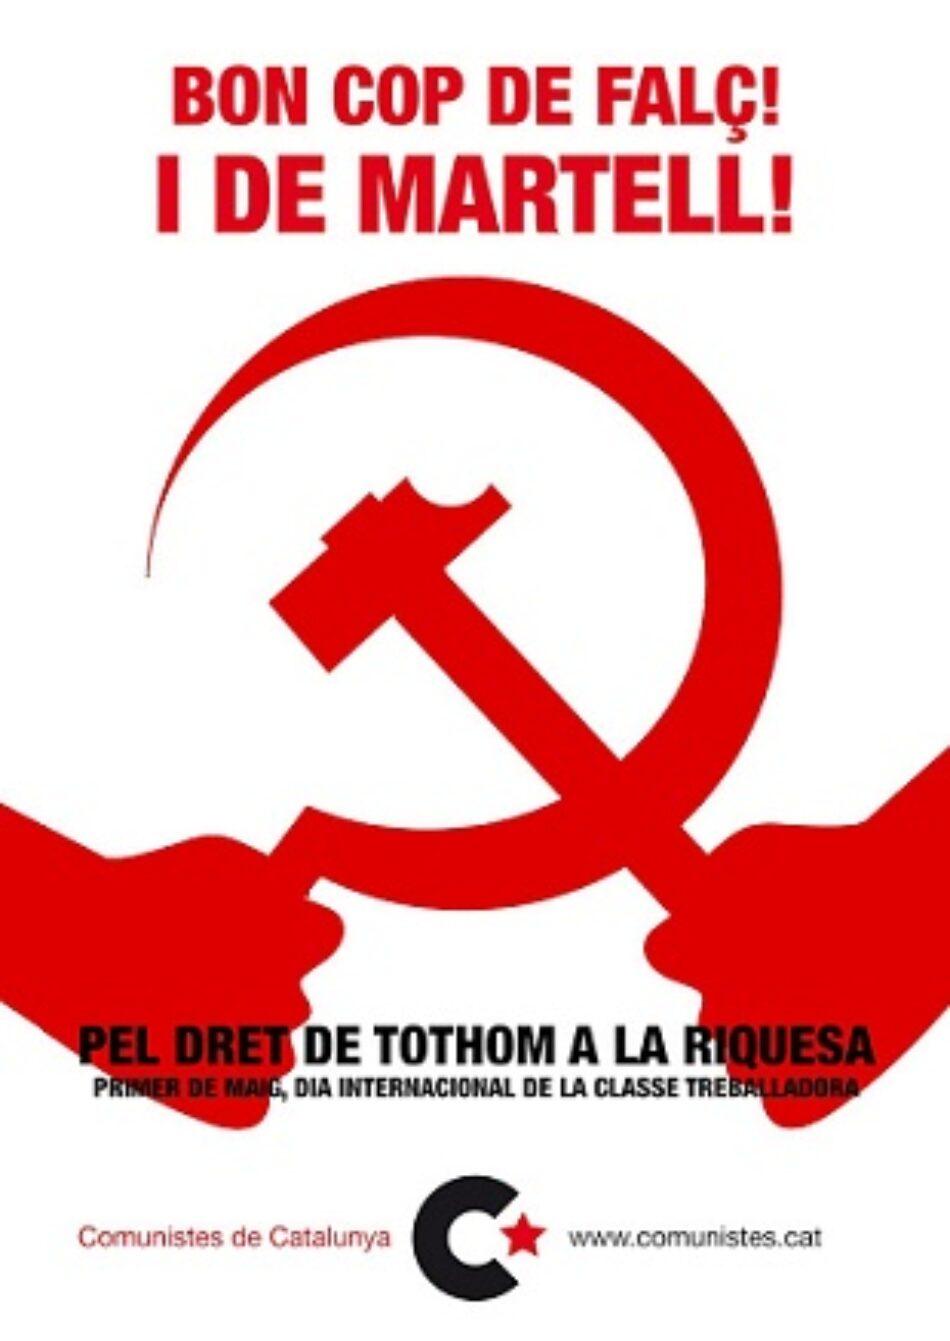 1 de maig, pel dret de tothom a la riquesa: + treball + salaris + pensions + serveis públics